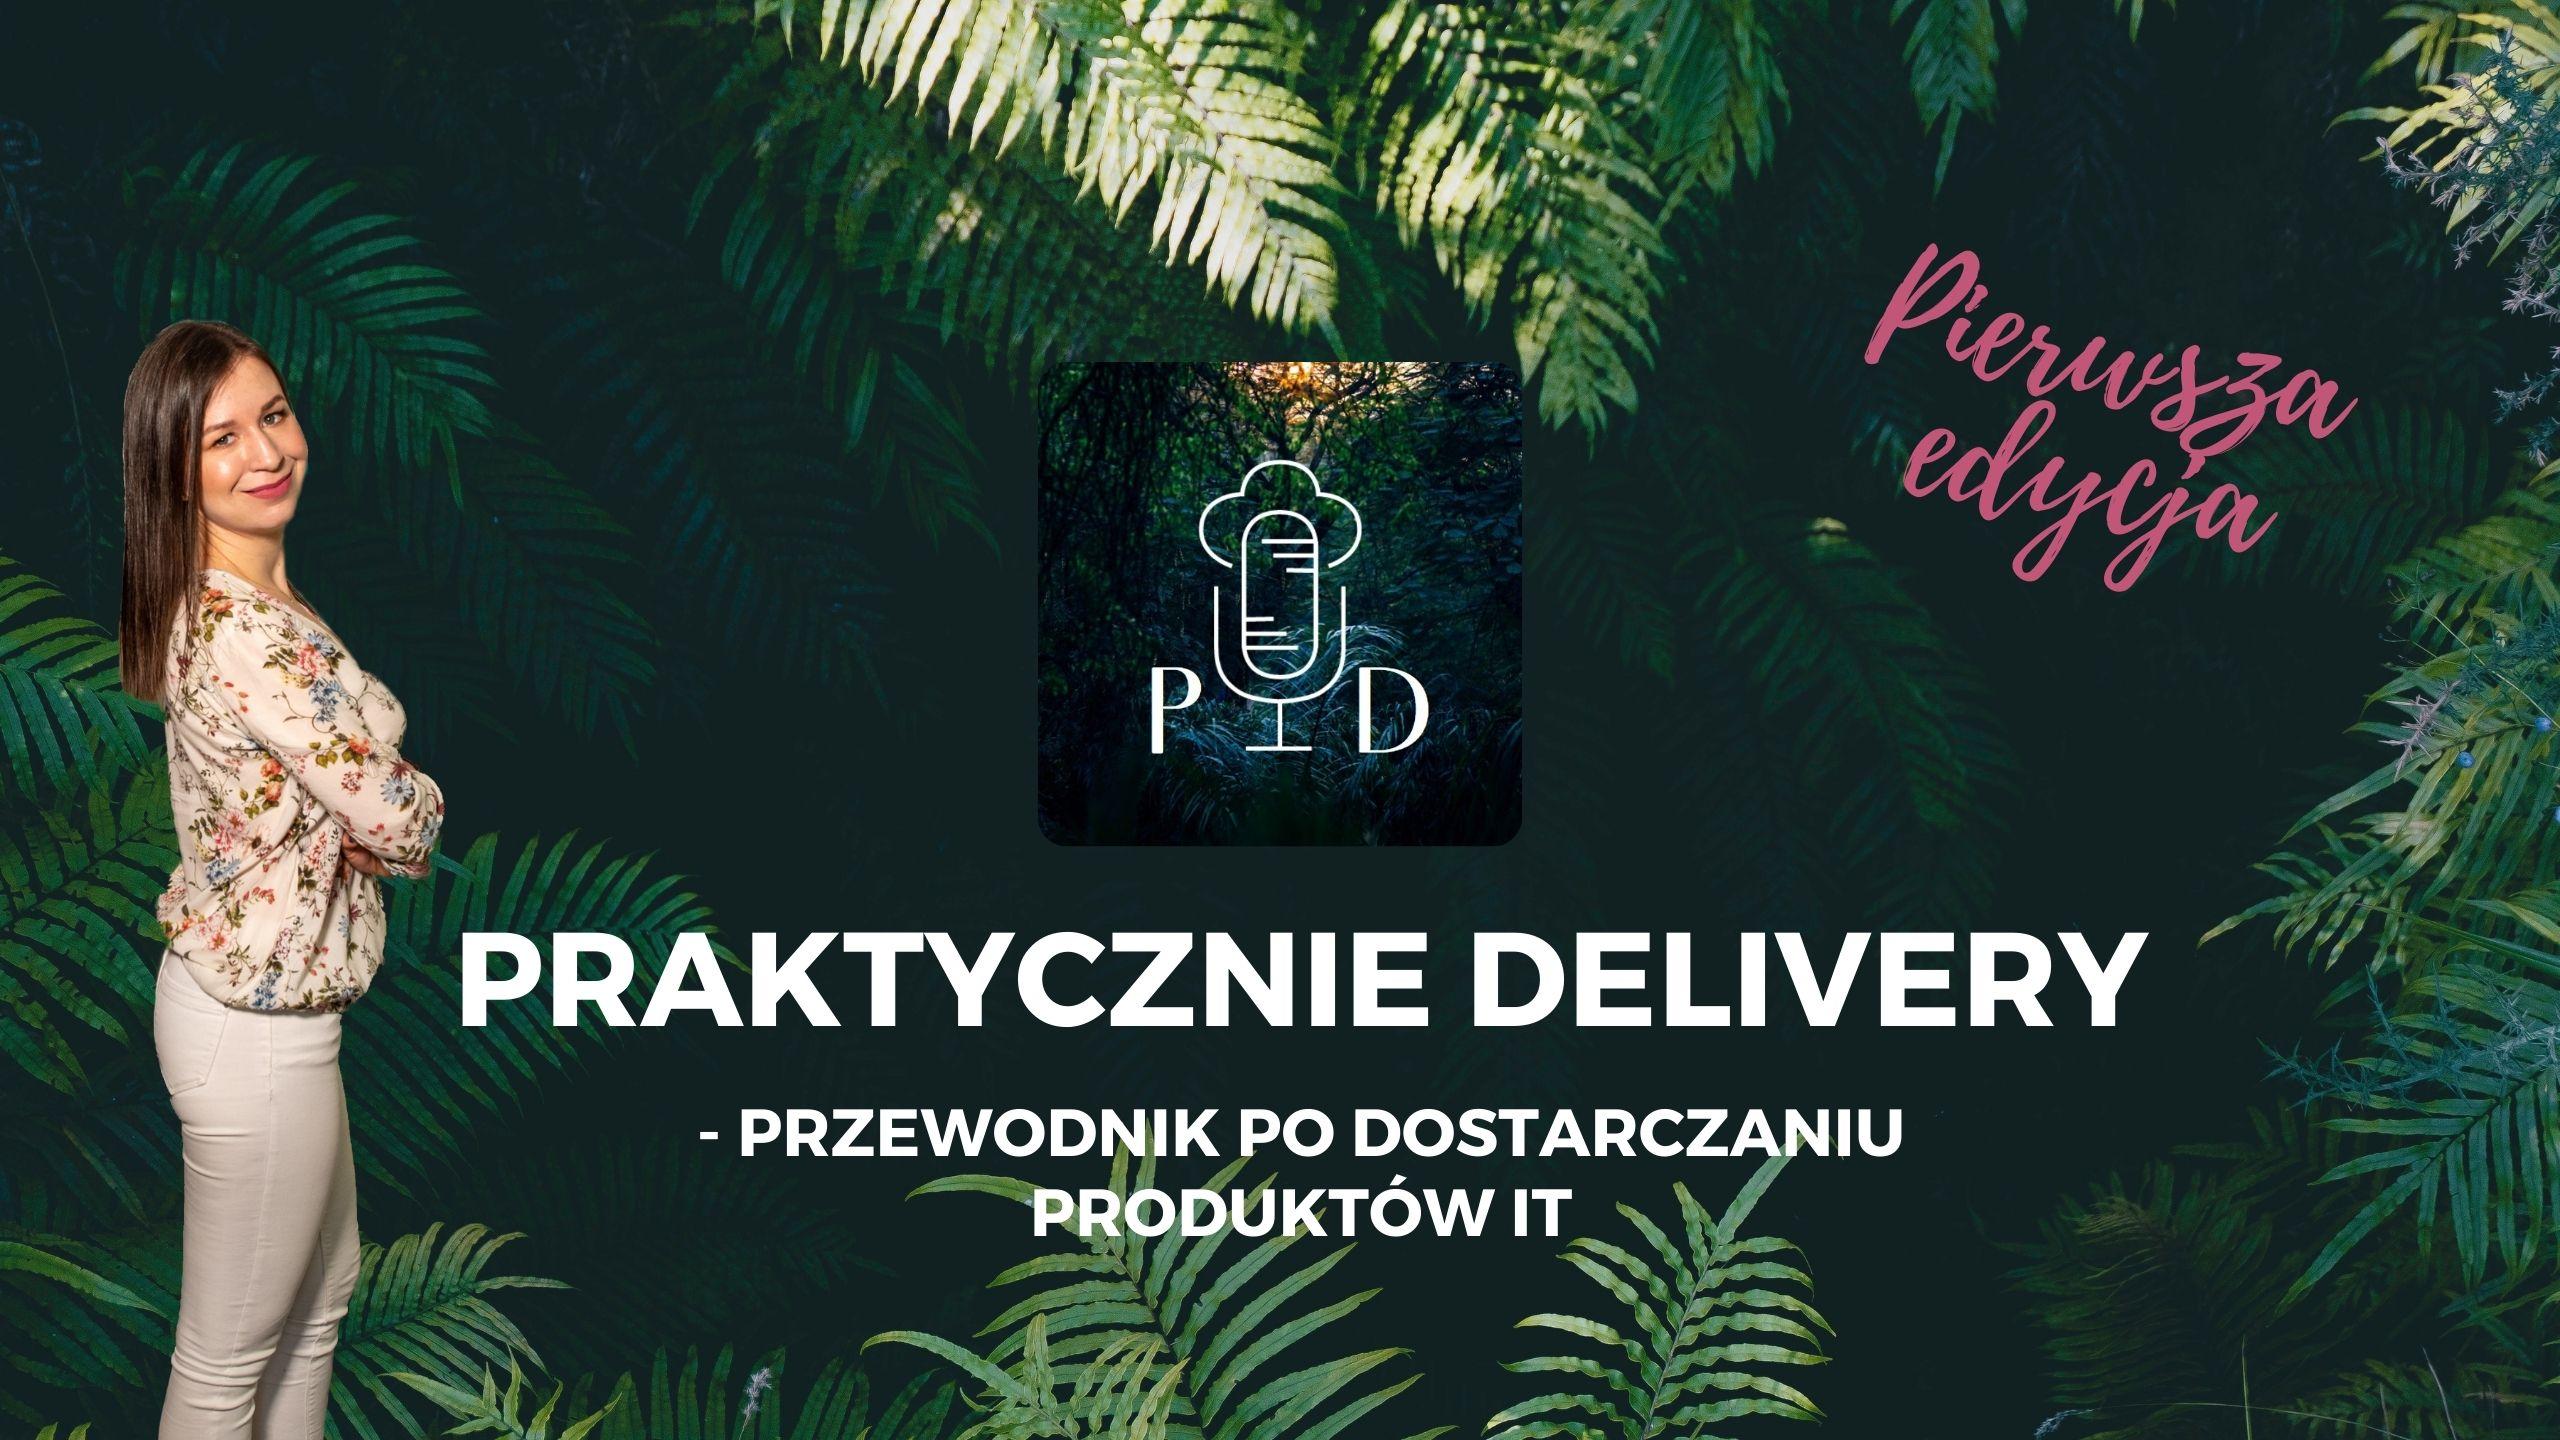 Praktycznie Delivery